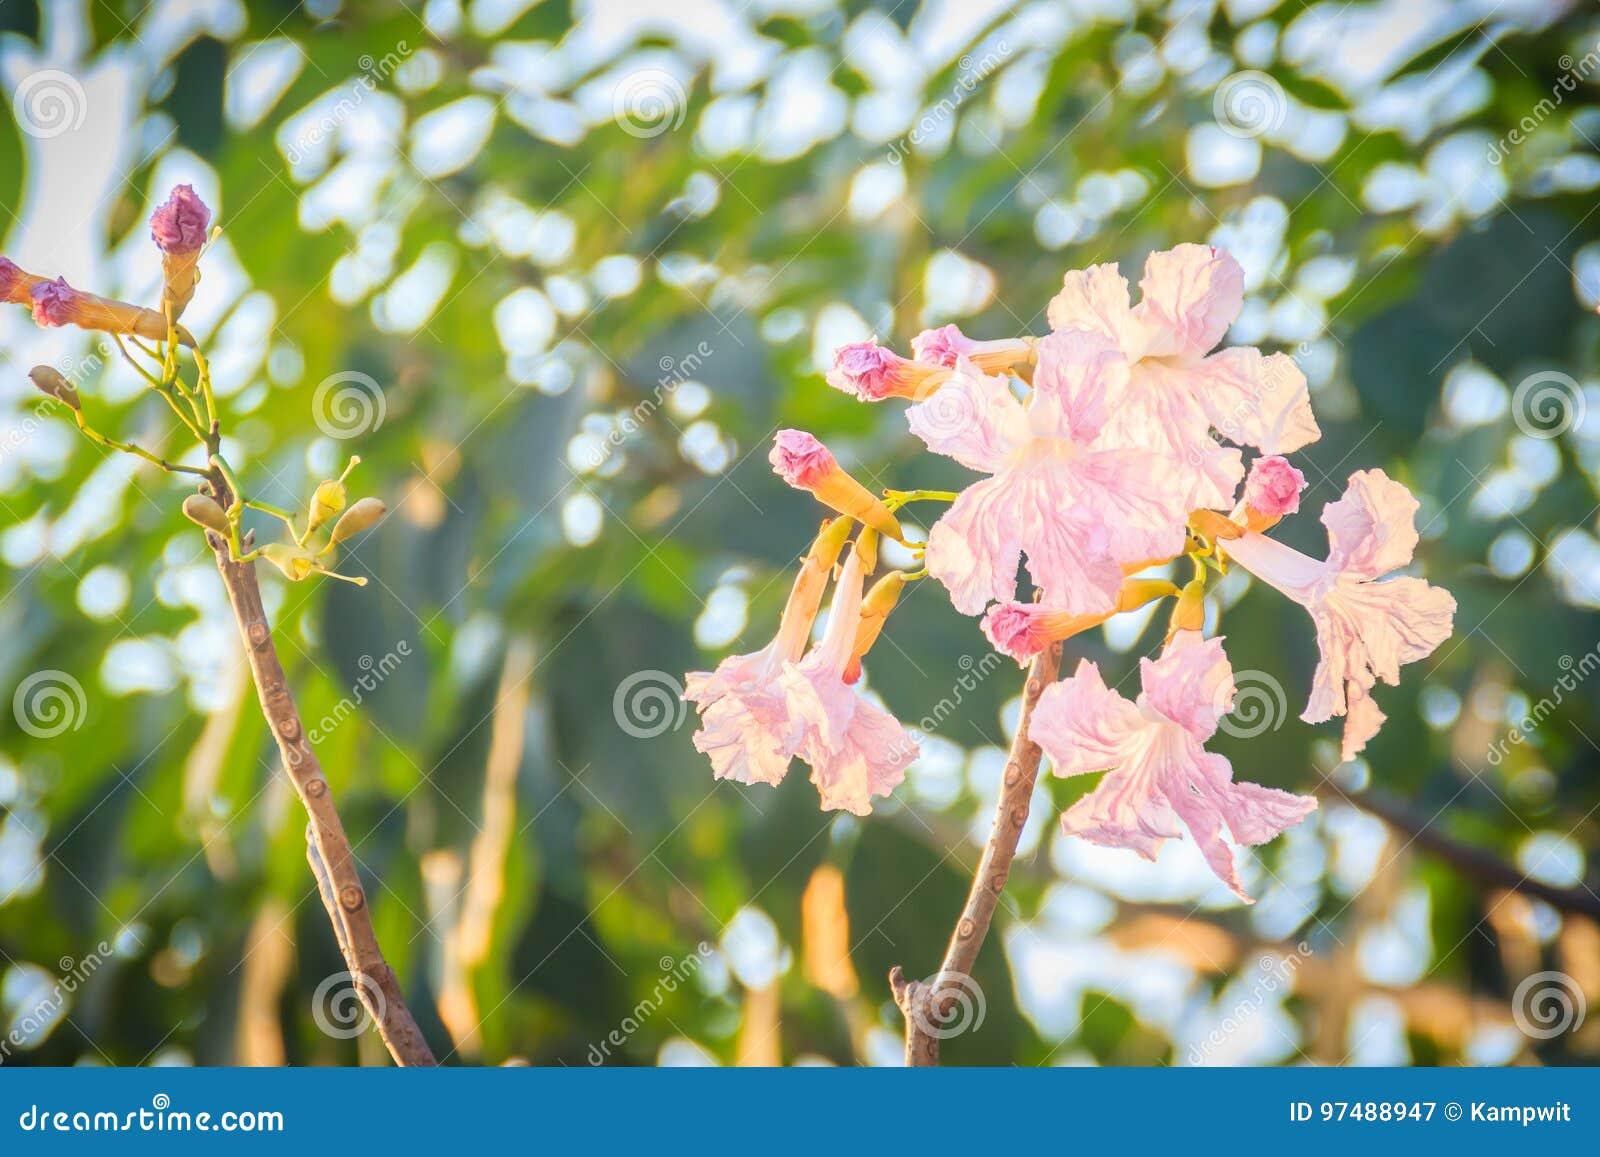 Chiuda sui fiori rosa della tromba (rosea di Tabebuia) sull albero con crusca